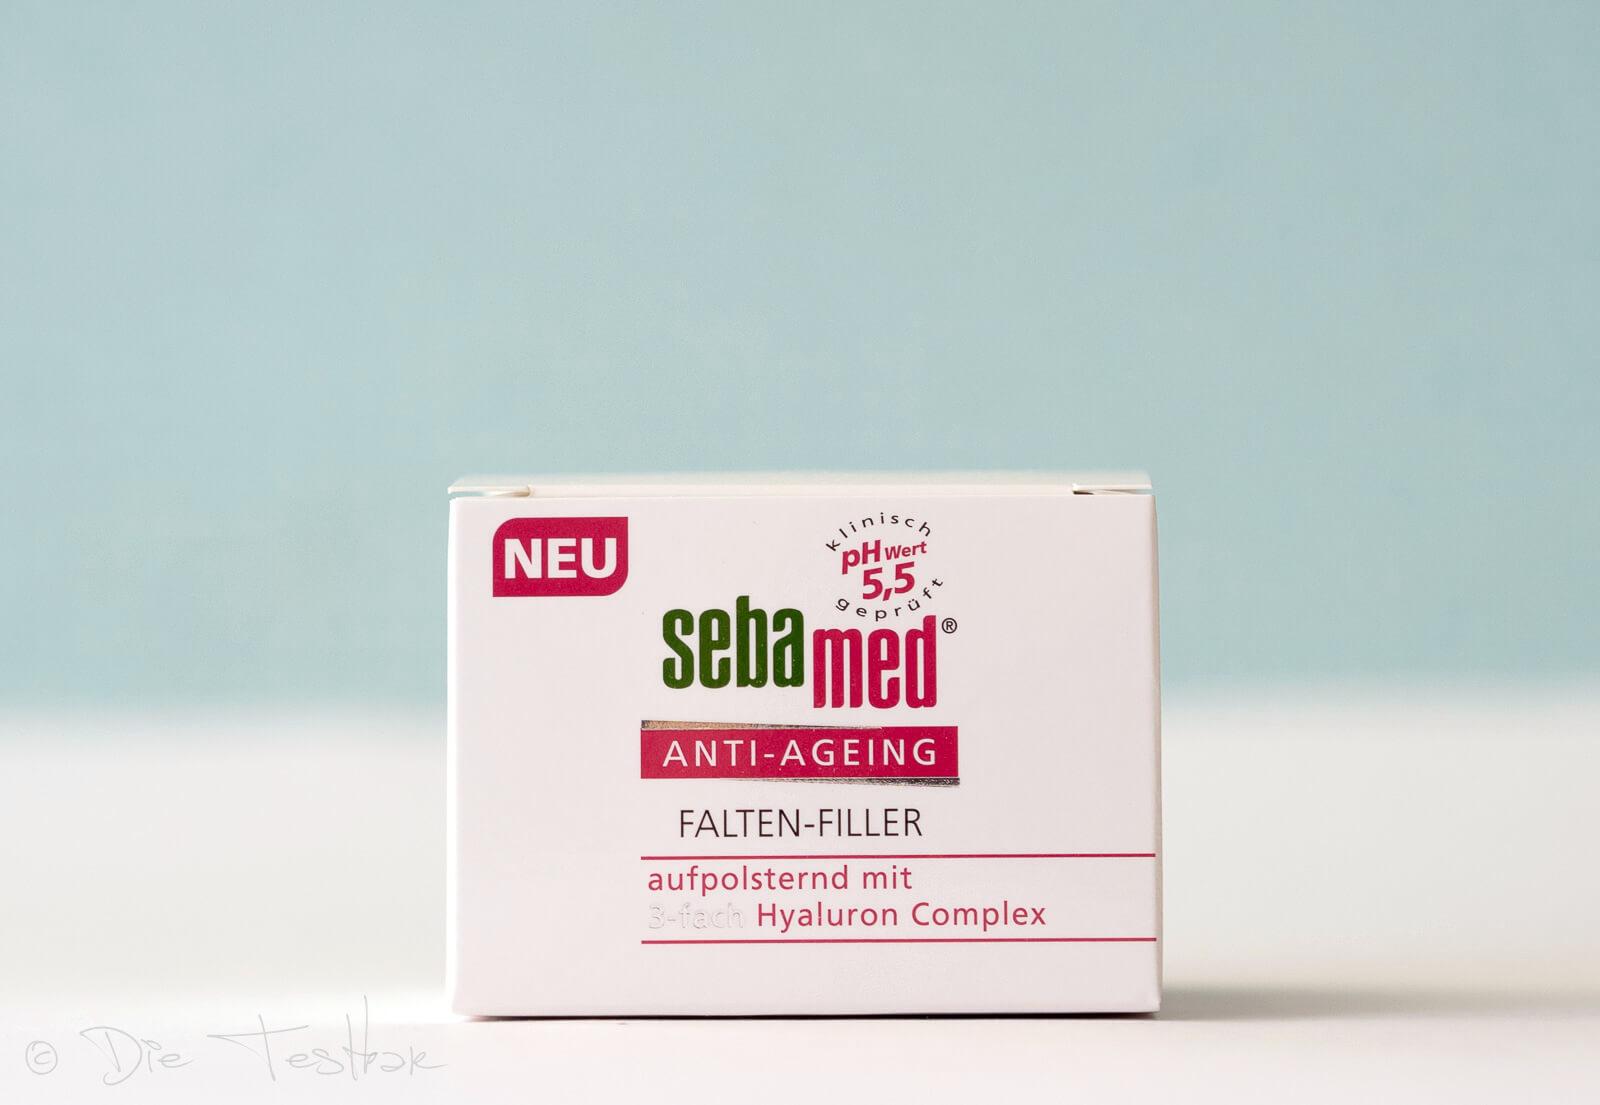 sebamed - ANTI-AGEING Falten-Filler